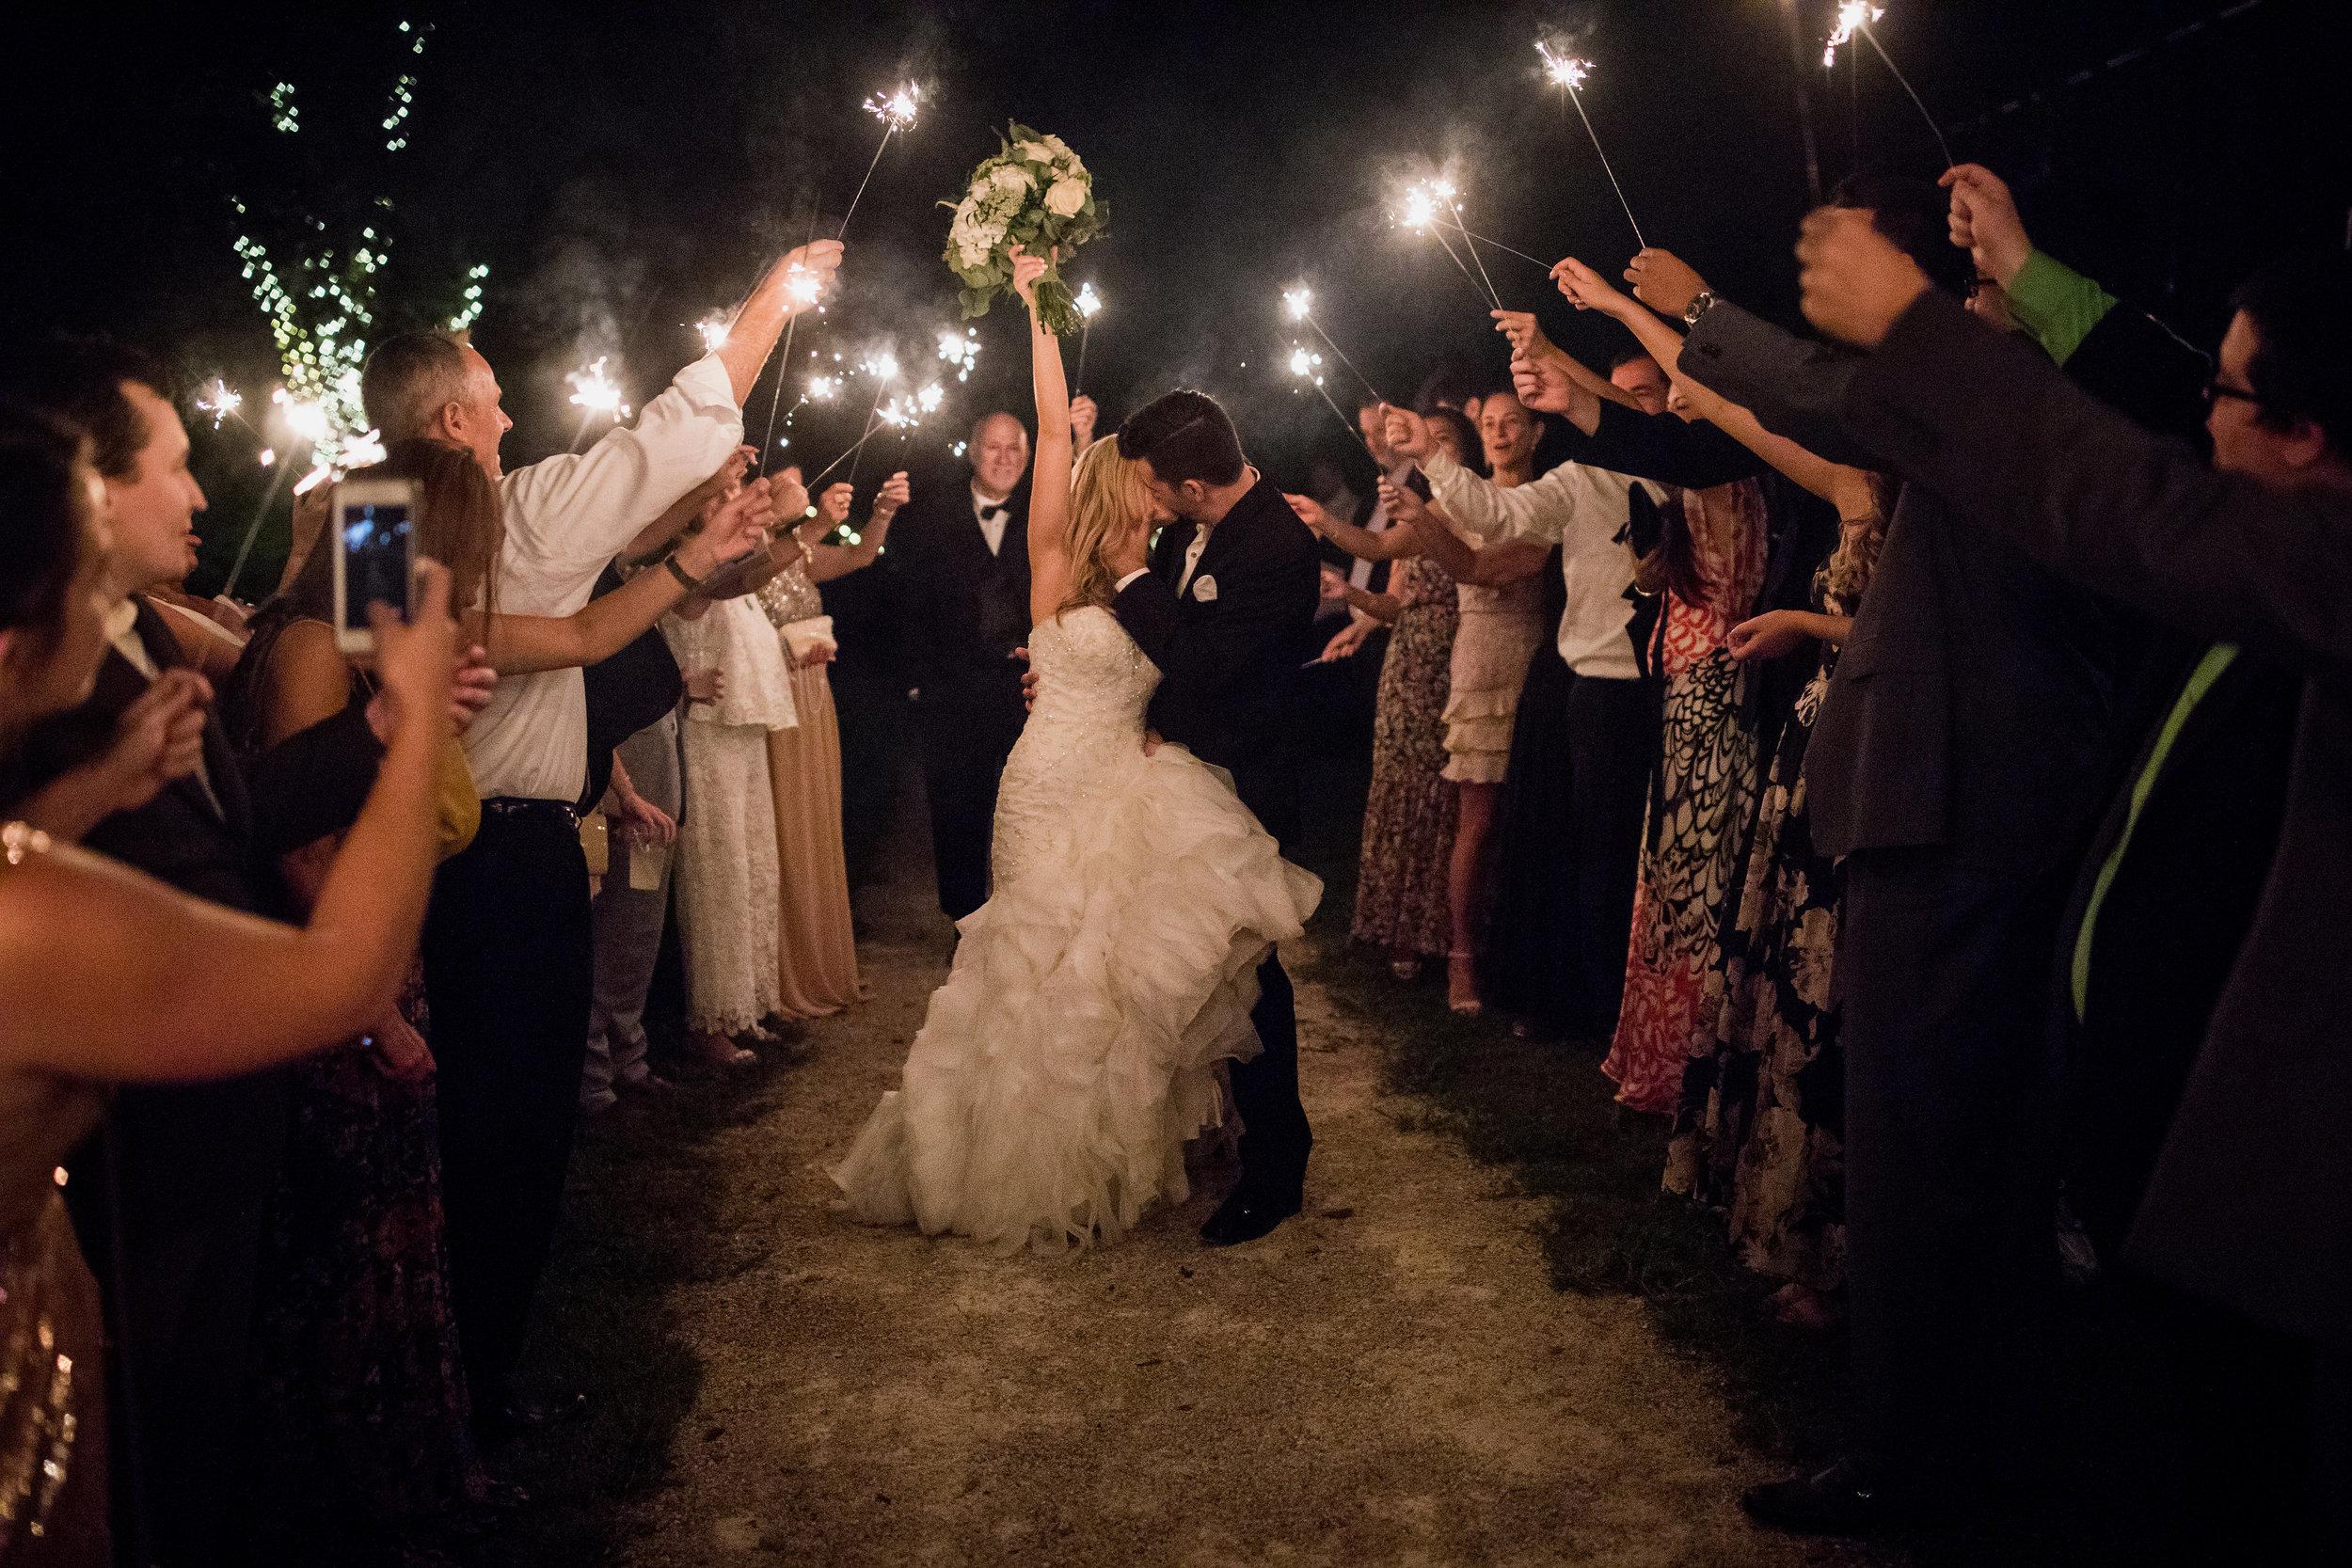 Meadow-Hill-Farm-Wedding 48.jpg